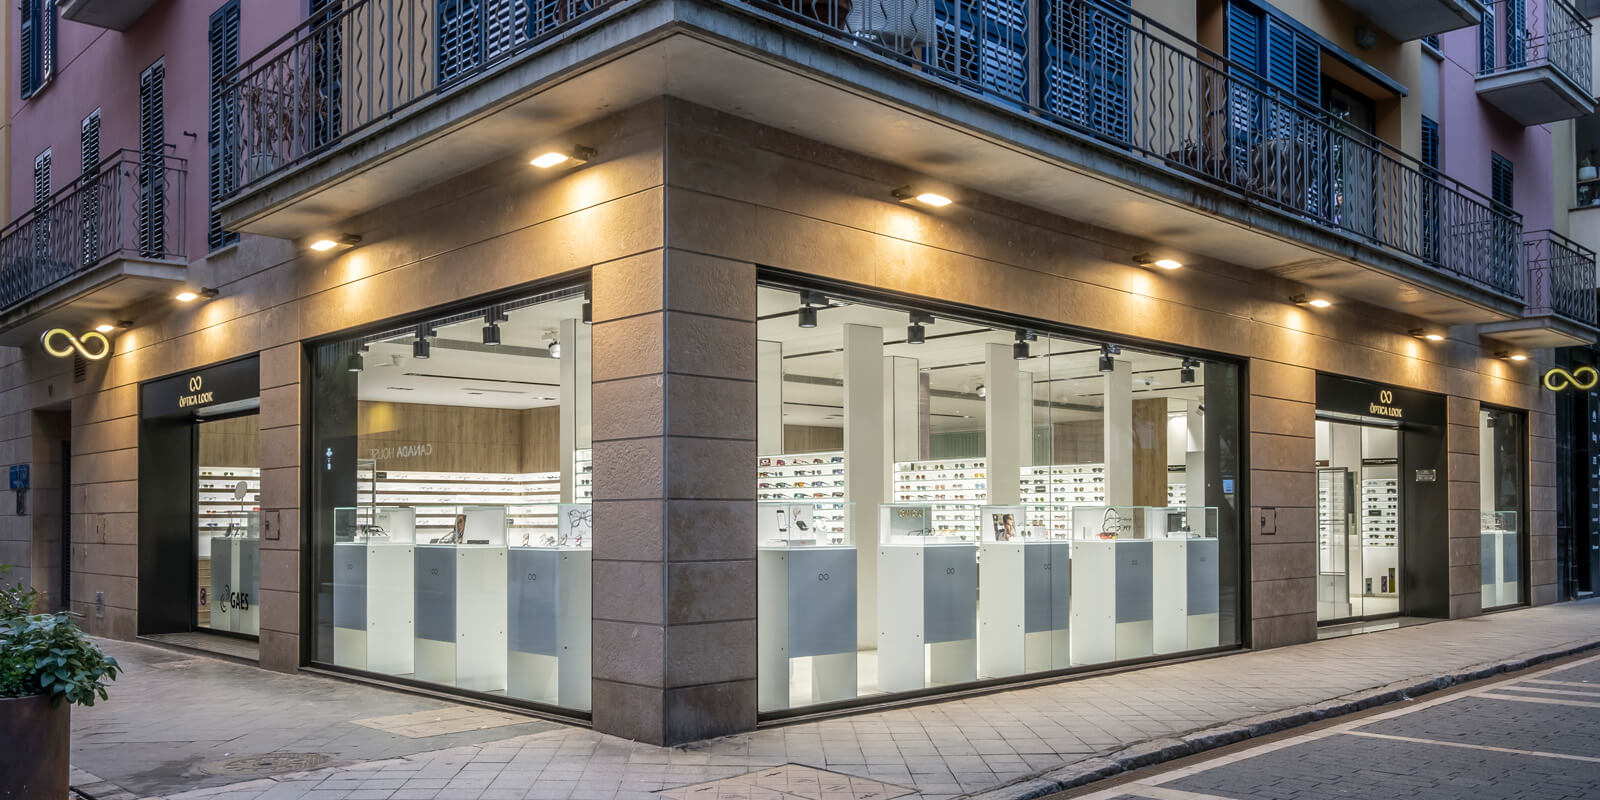 Optica-Look-Reforma-Sant-Feliu-de-Guixols-1-slide-1600x800-2